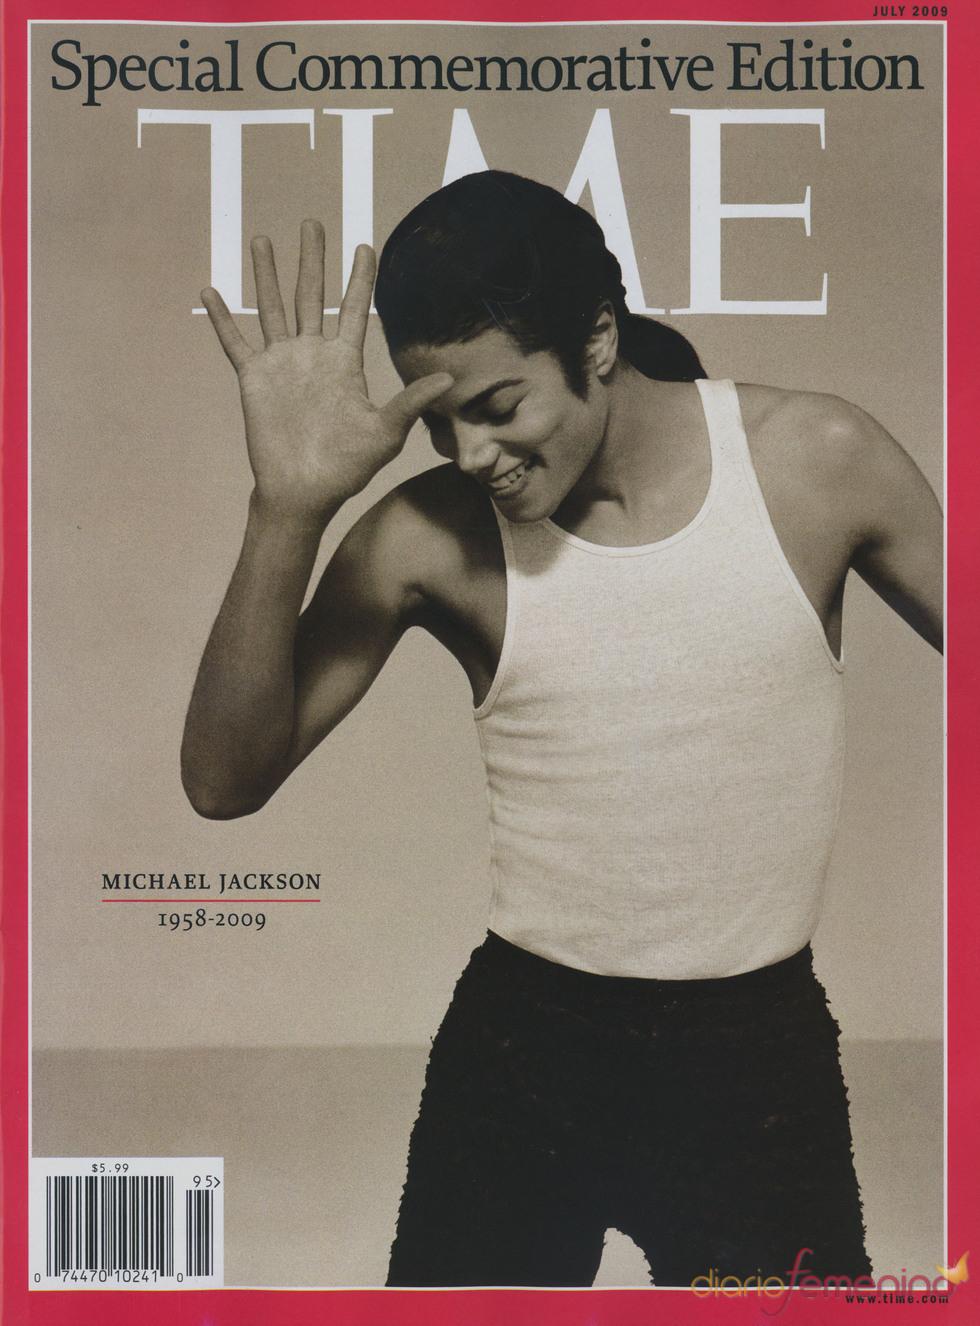 La famosa portada de Michael Jackson